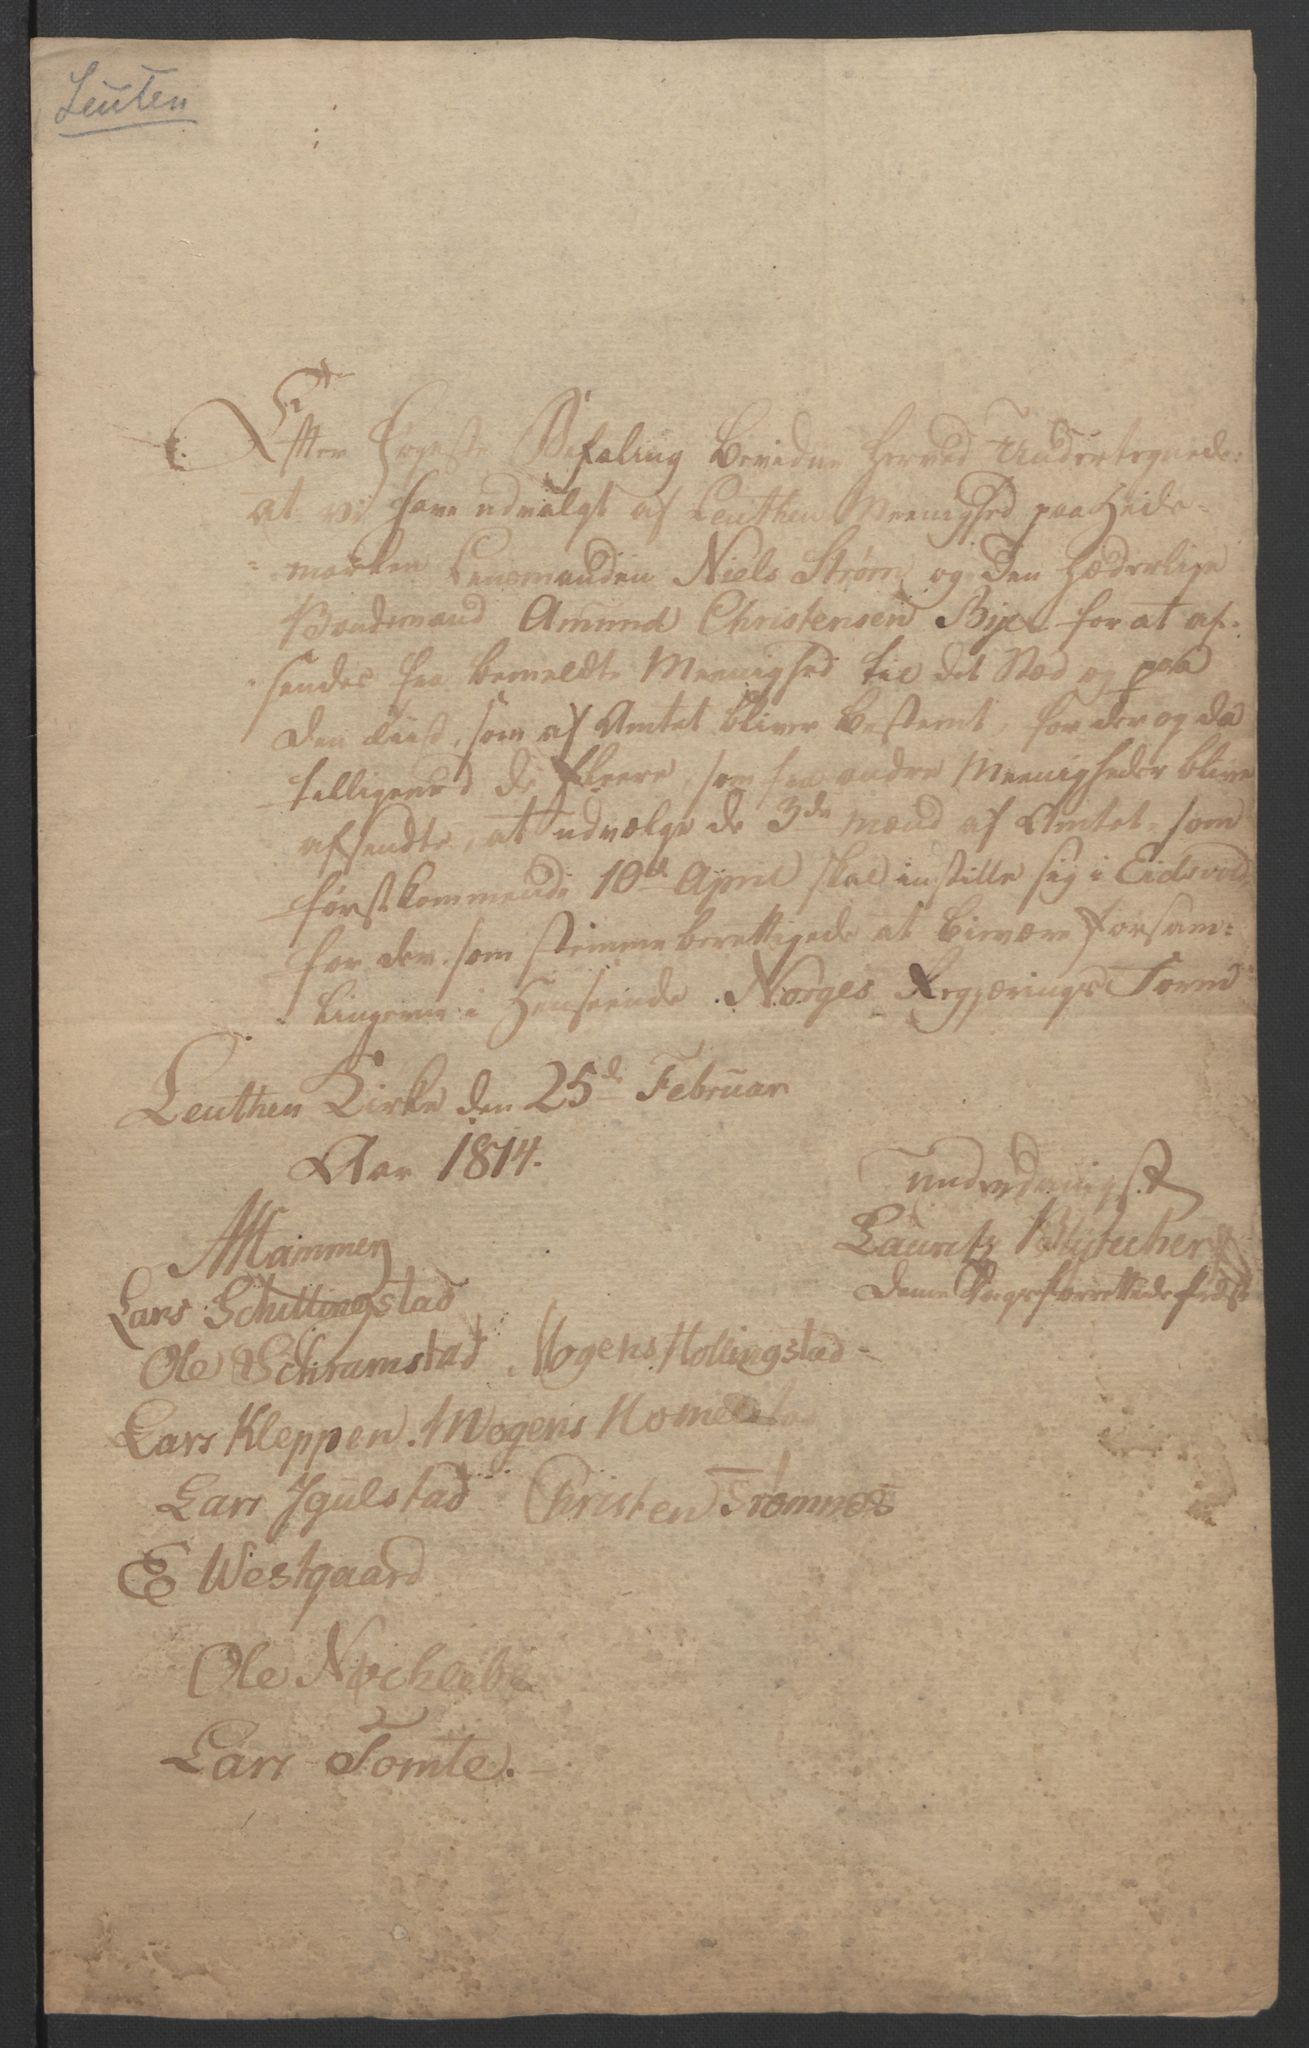 RA, Statsrådssekretariatet, D/Db/L0007: Fullmakter for Eidsvollsrepresentantene i 1814. , 1814, s. 226